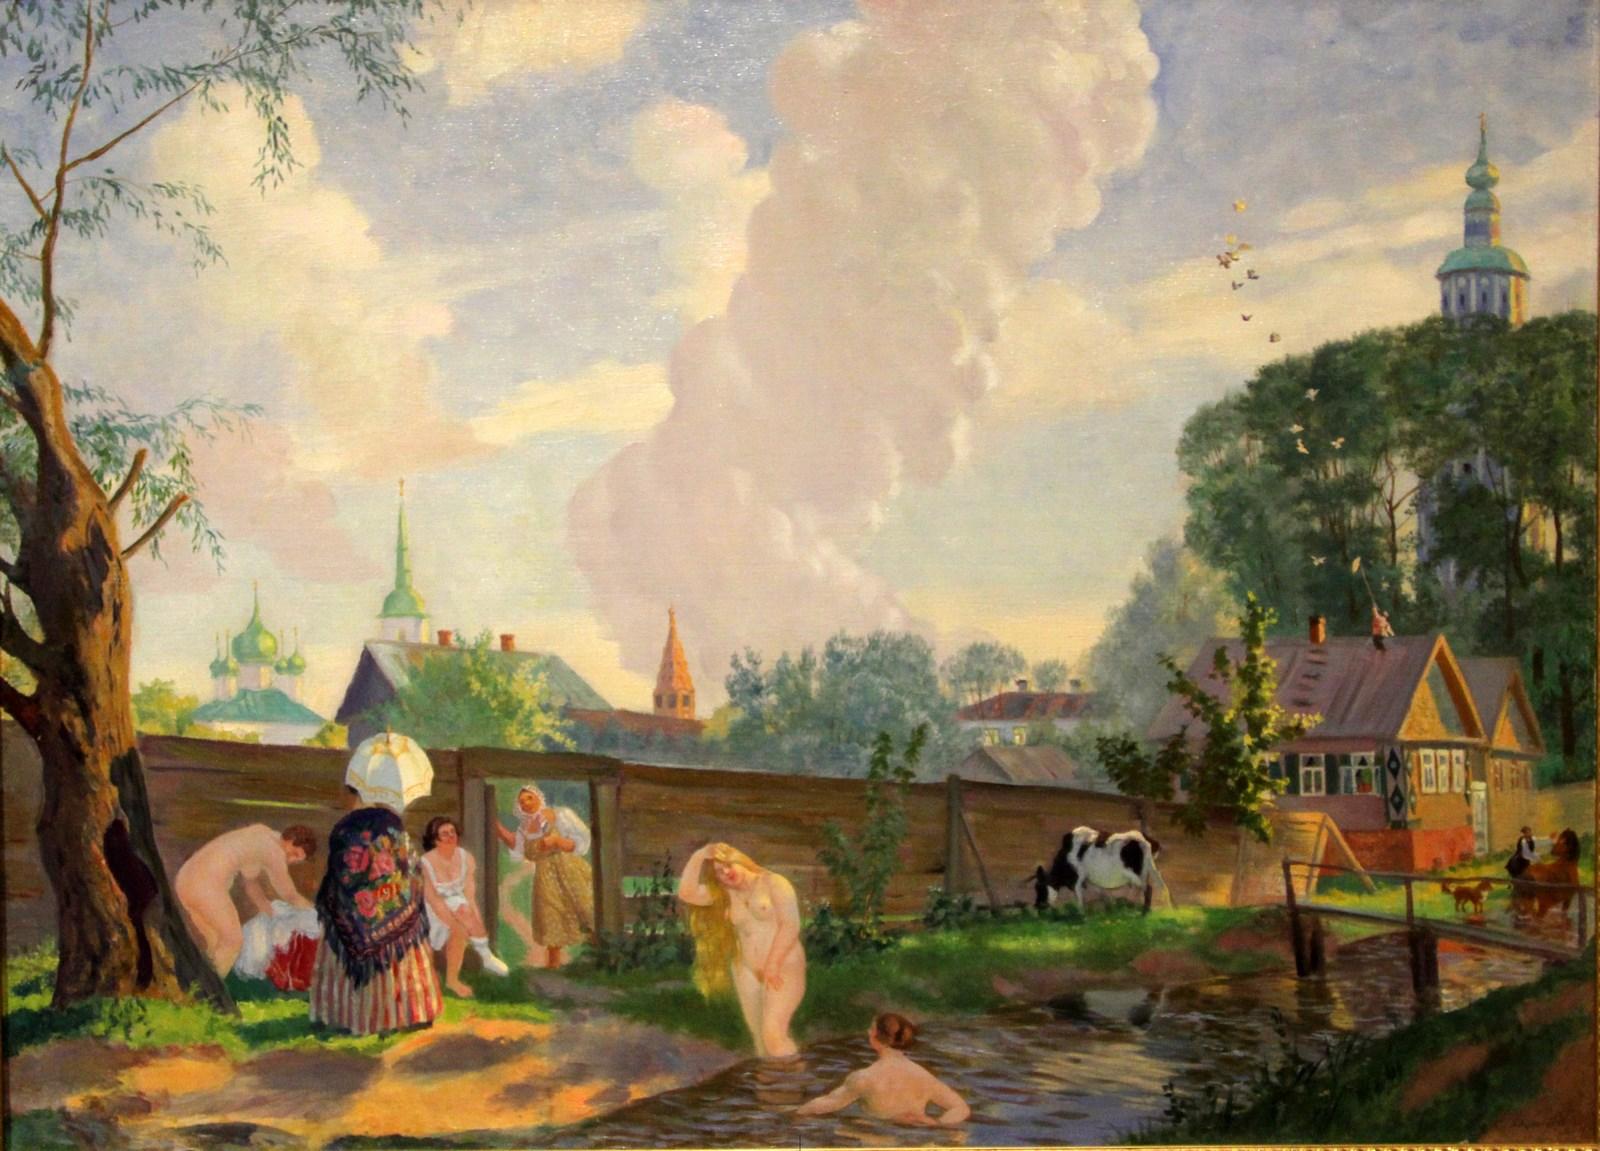 Кустодиев Б.М. 1878-1927 Купальщицы. 1917 Холст, масло. Национальный художественный музей Республики Беларусь